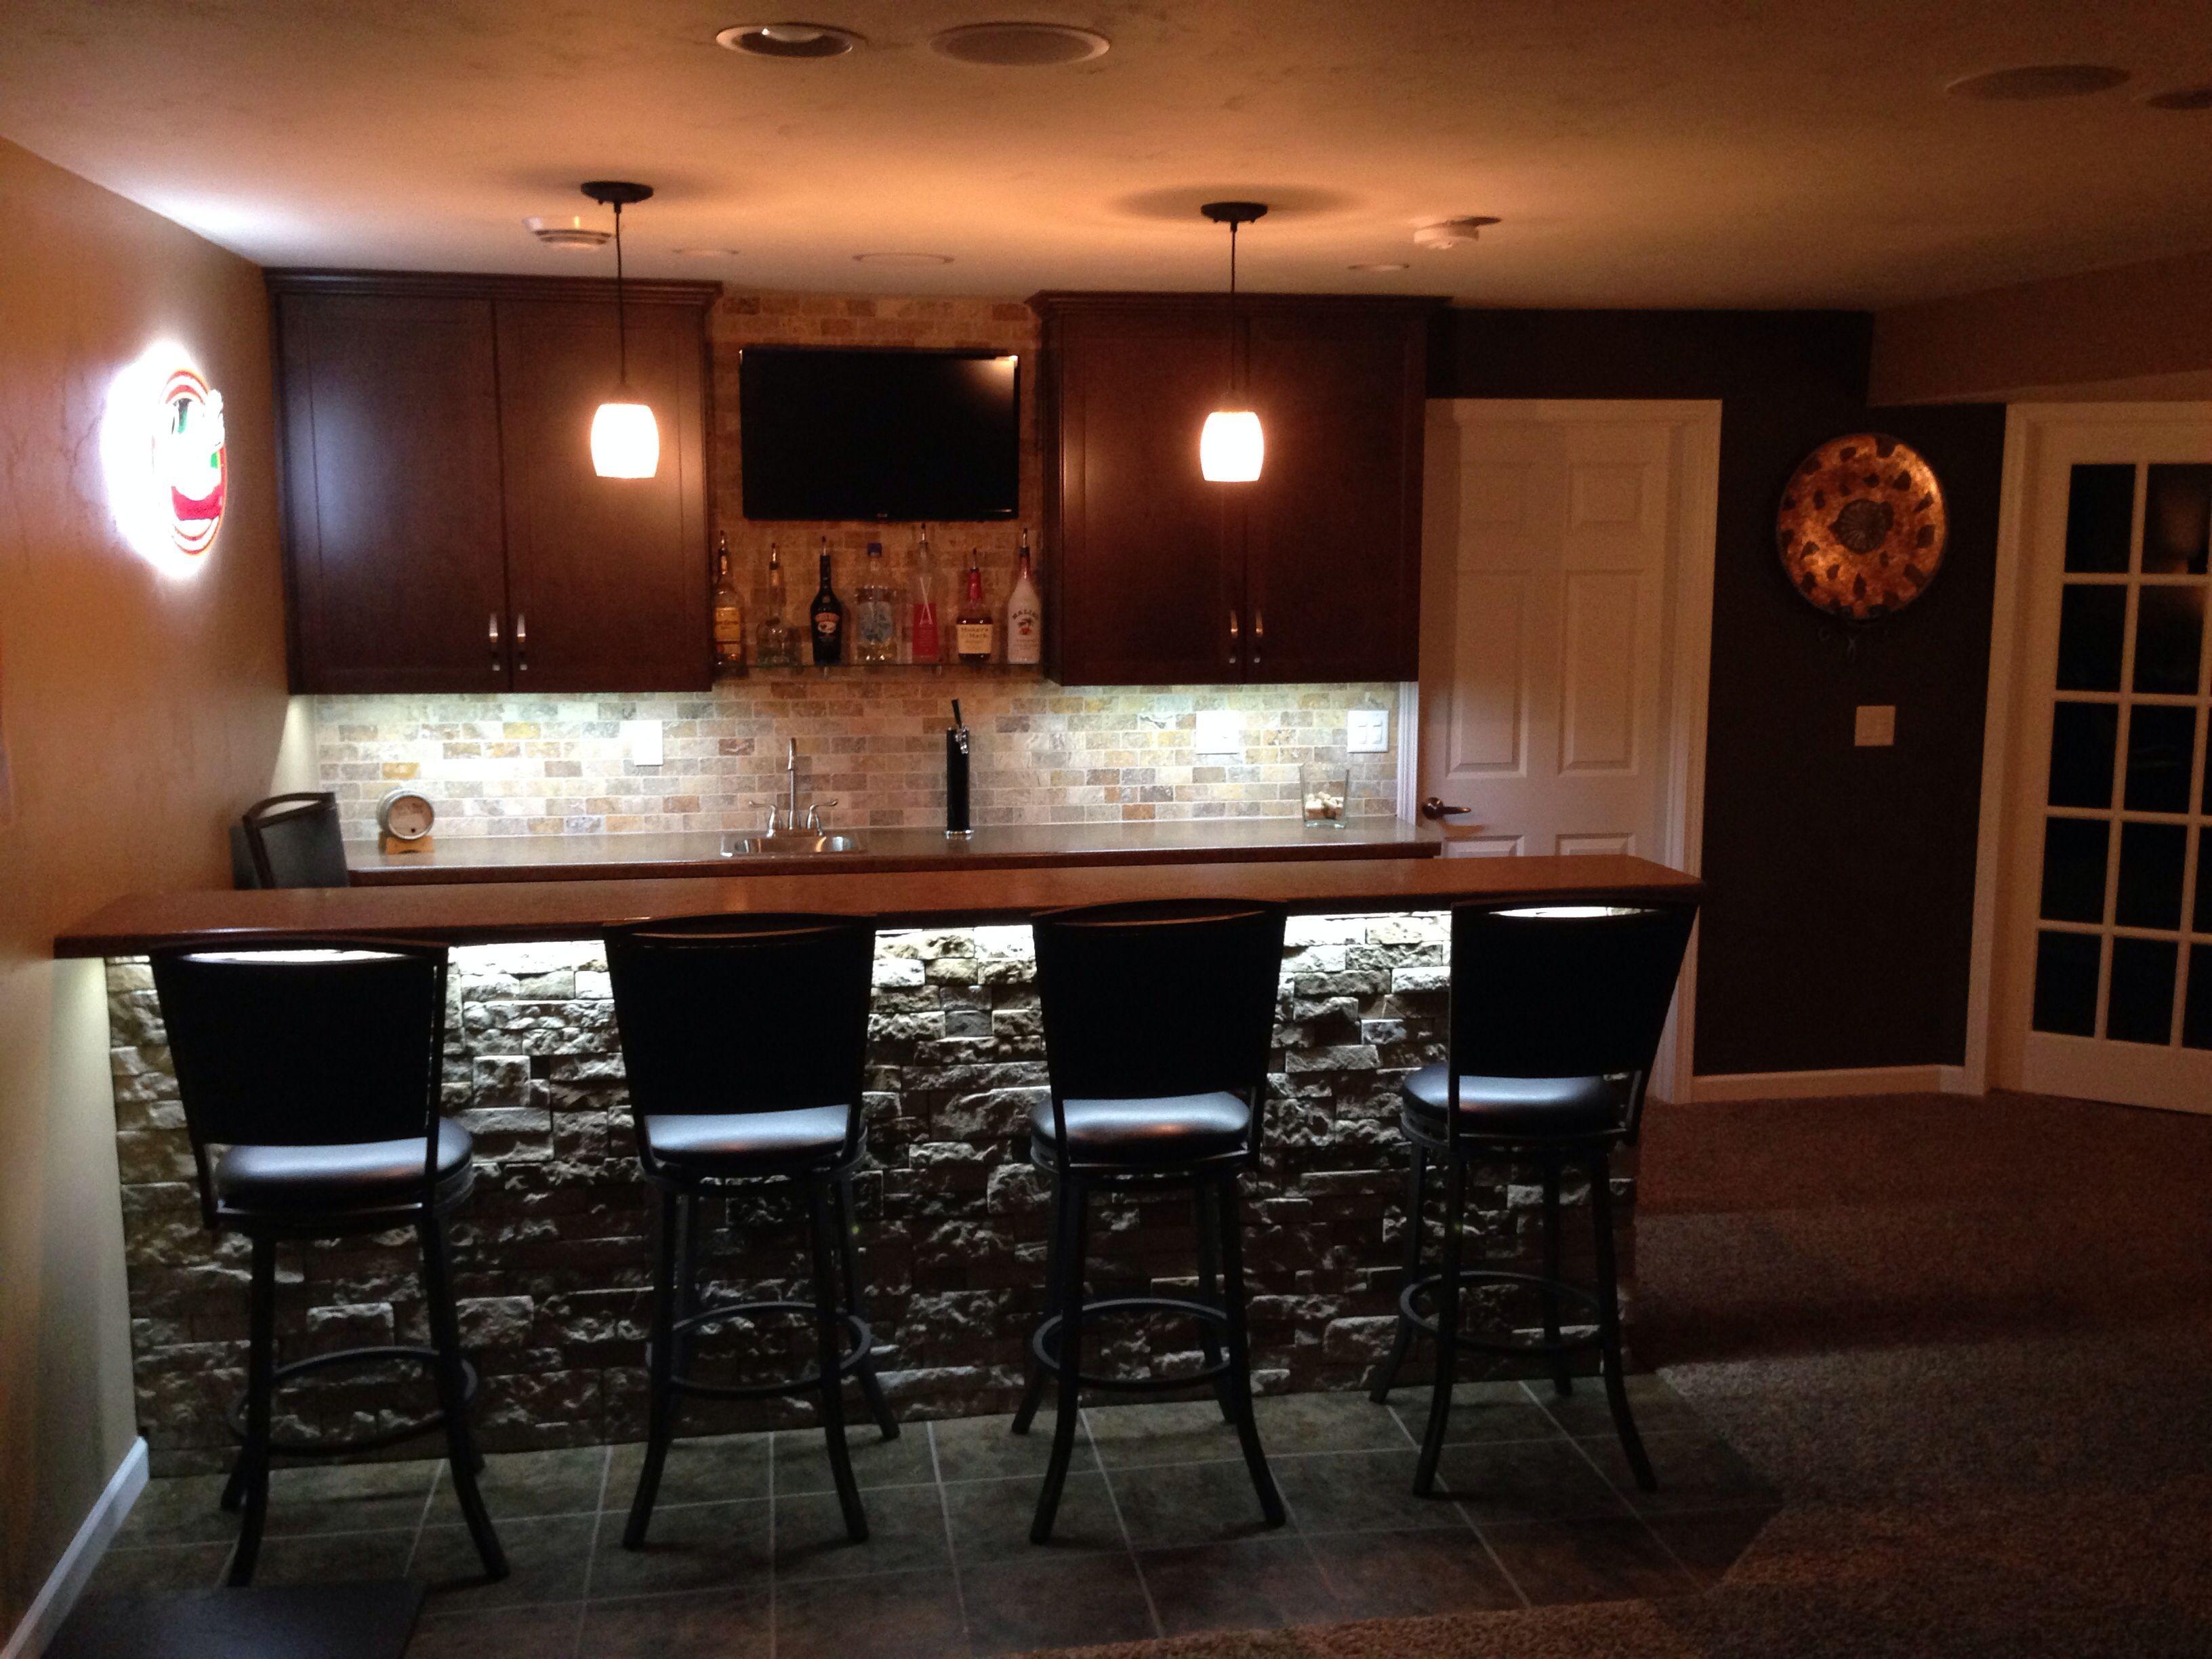 basement bar love the under bar lighting now house in 2019 rh pinterest com